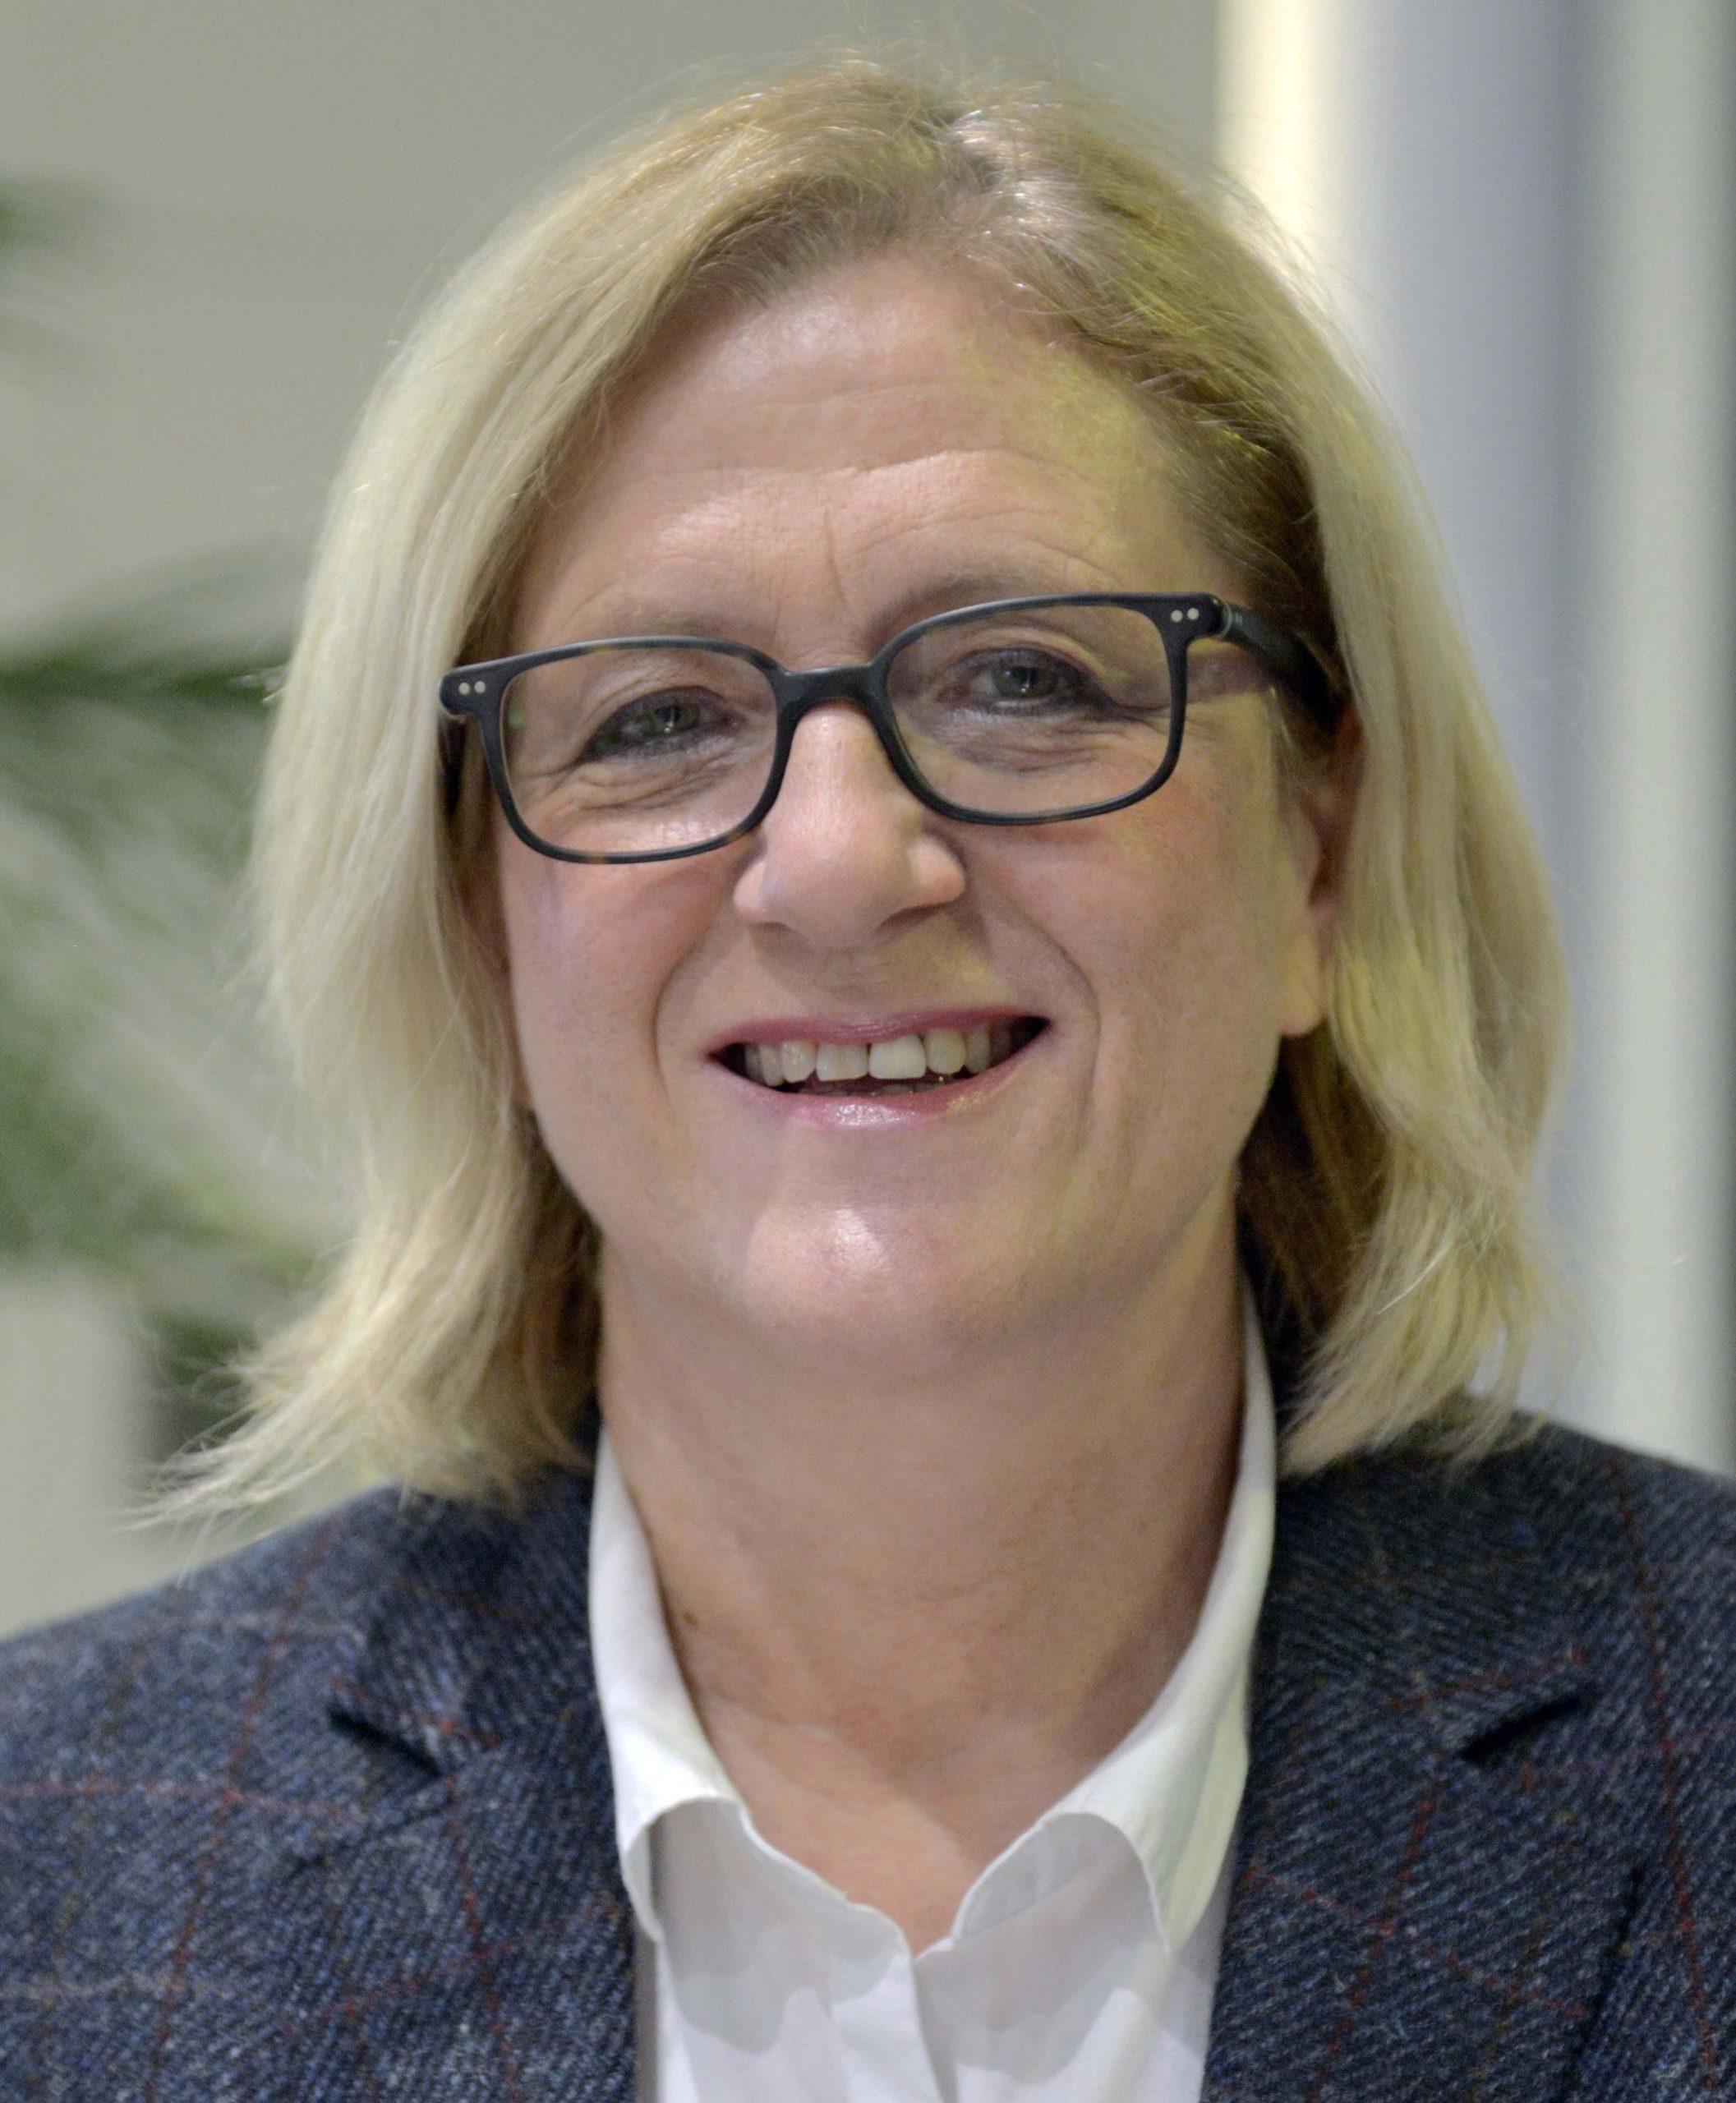 Michaela Geiger